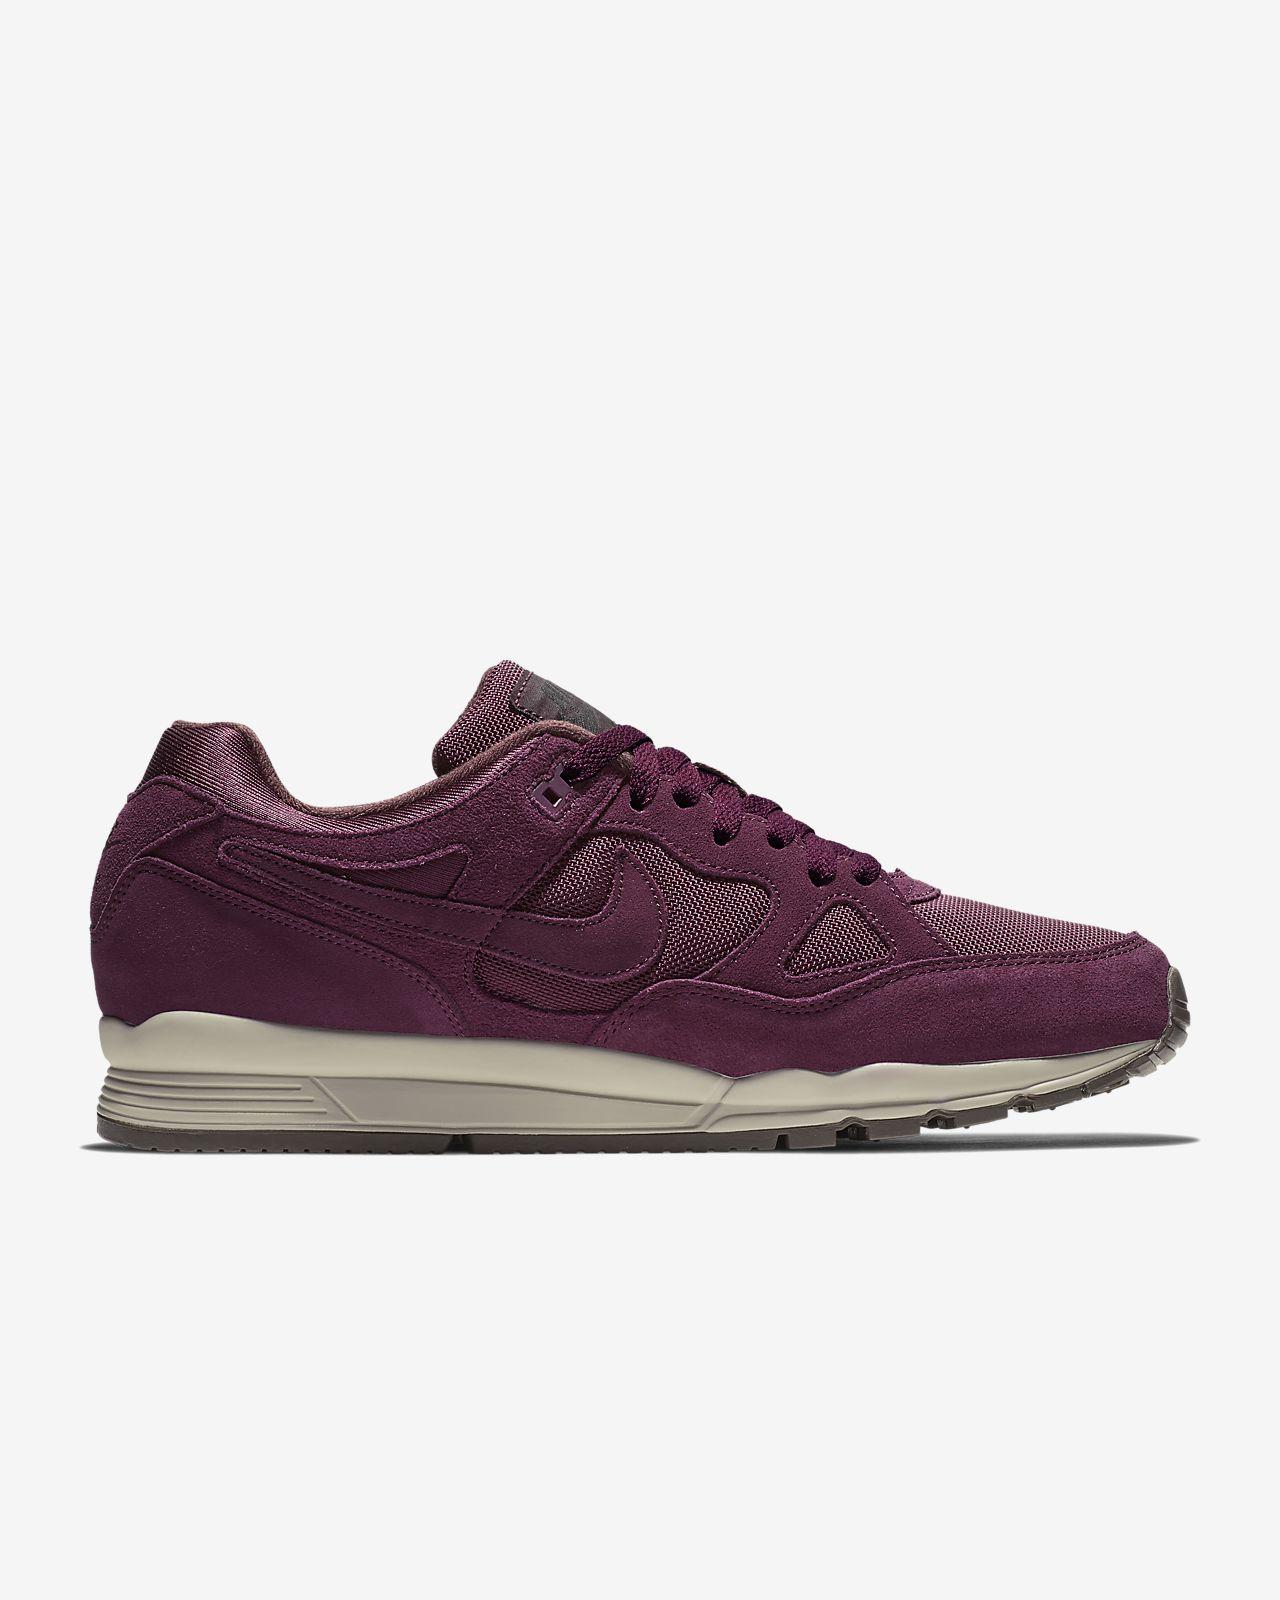 7cd5f9e4e824 Nike Air Span II Premium Men s Shoe. Nike.com